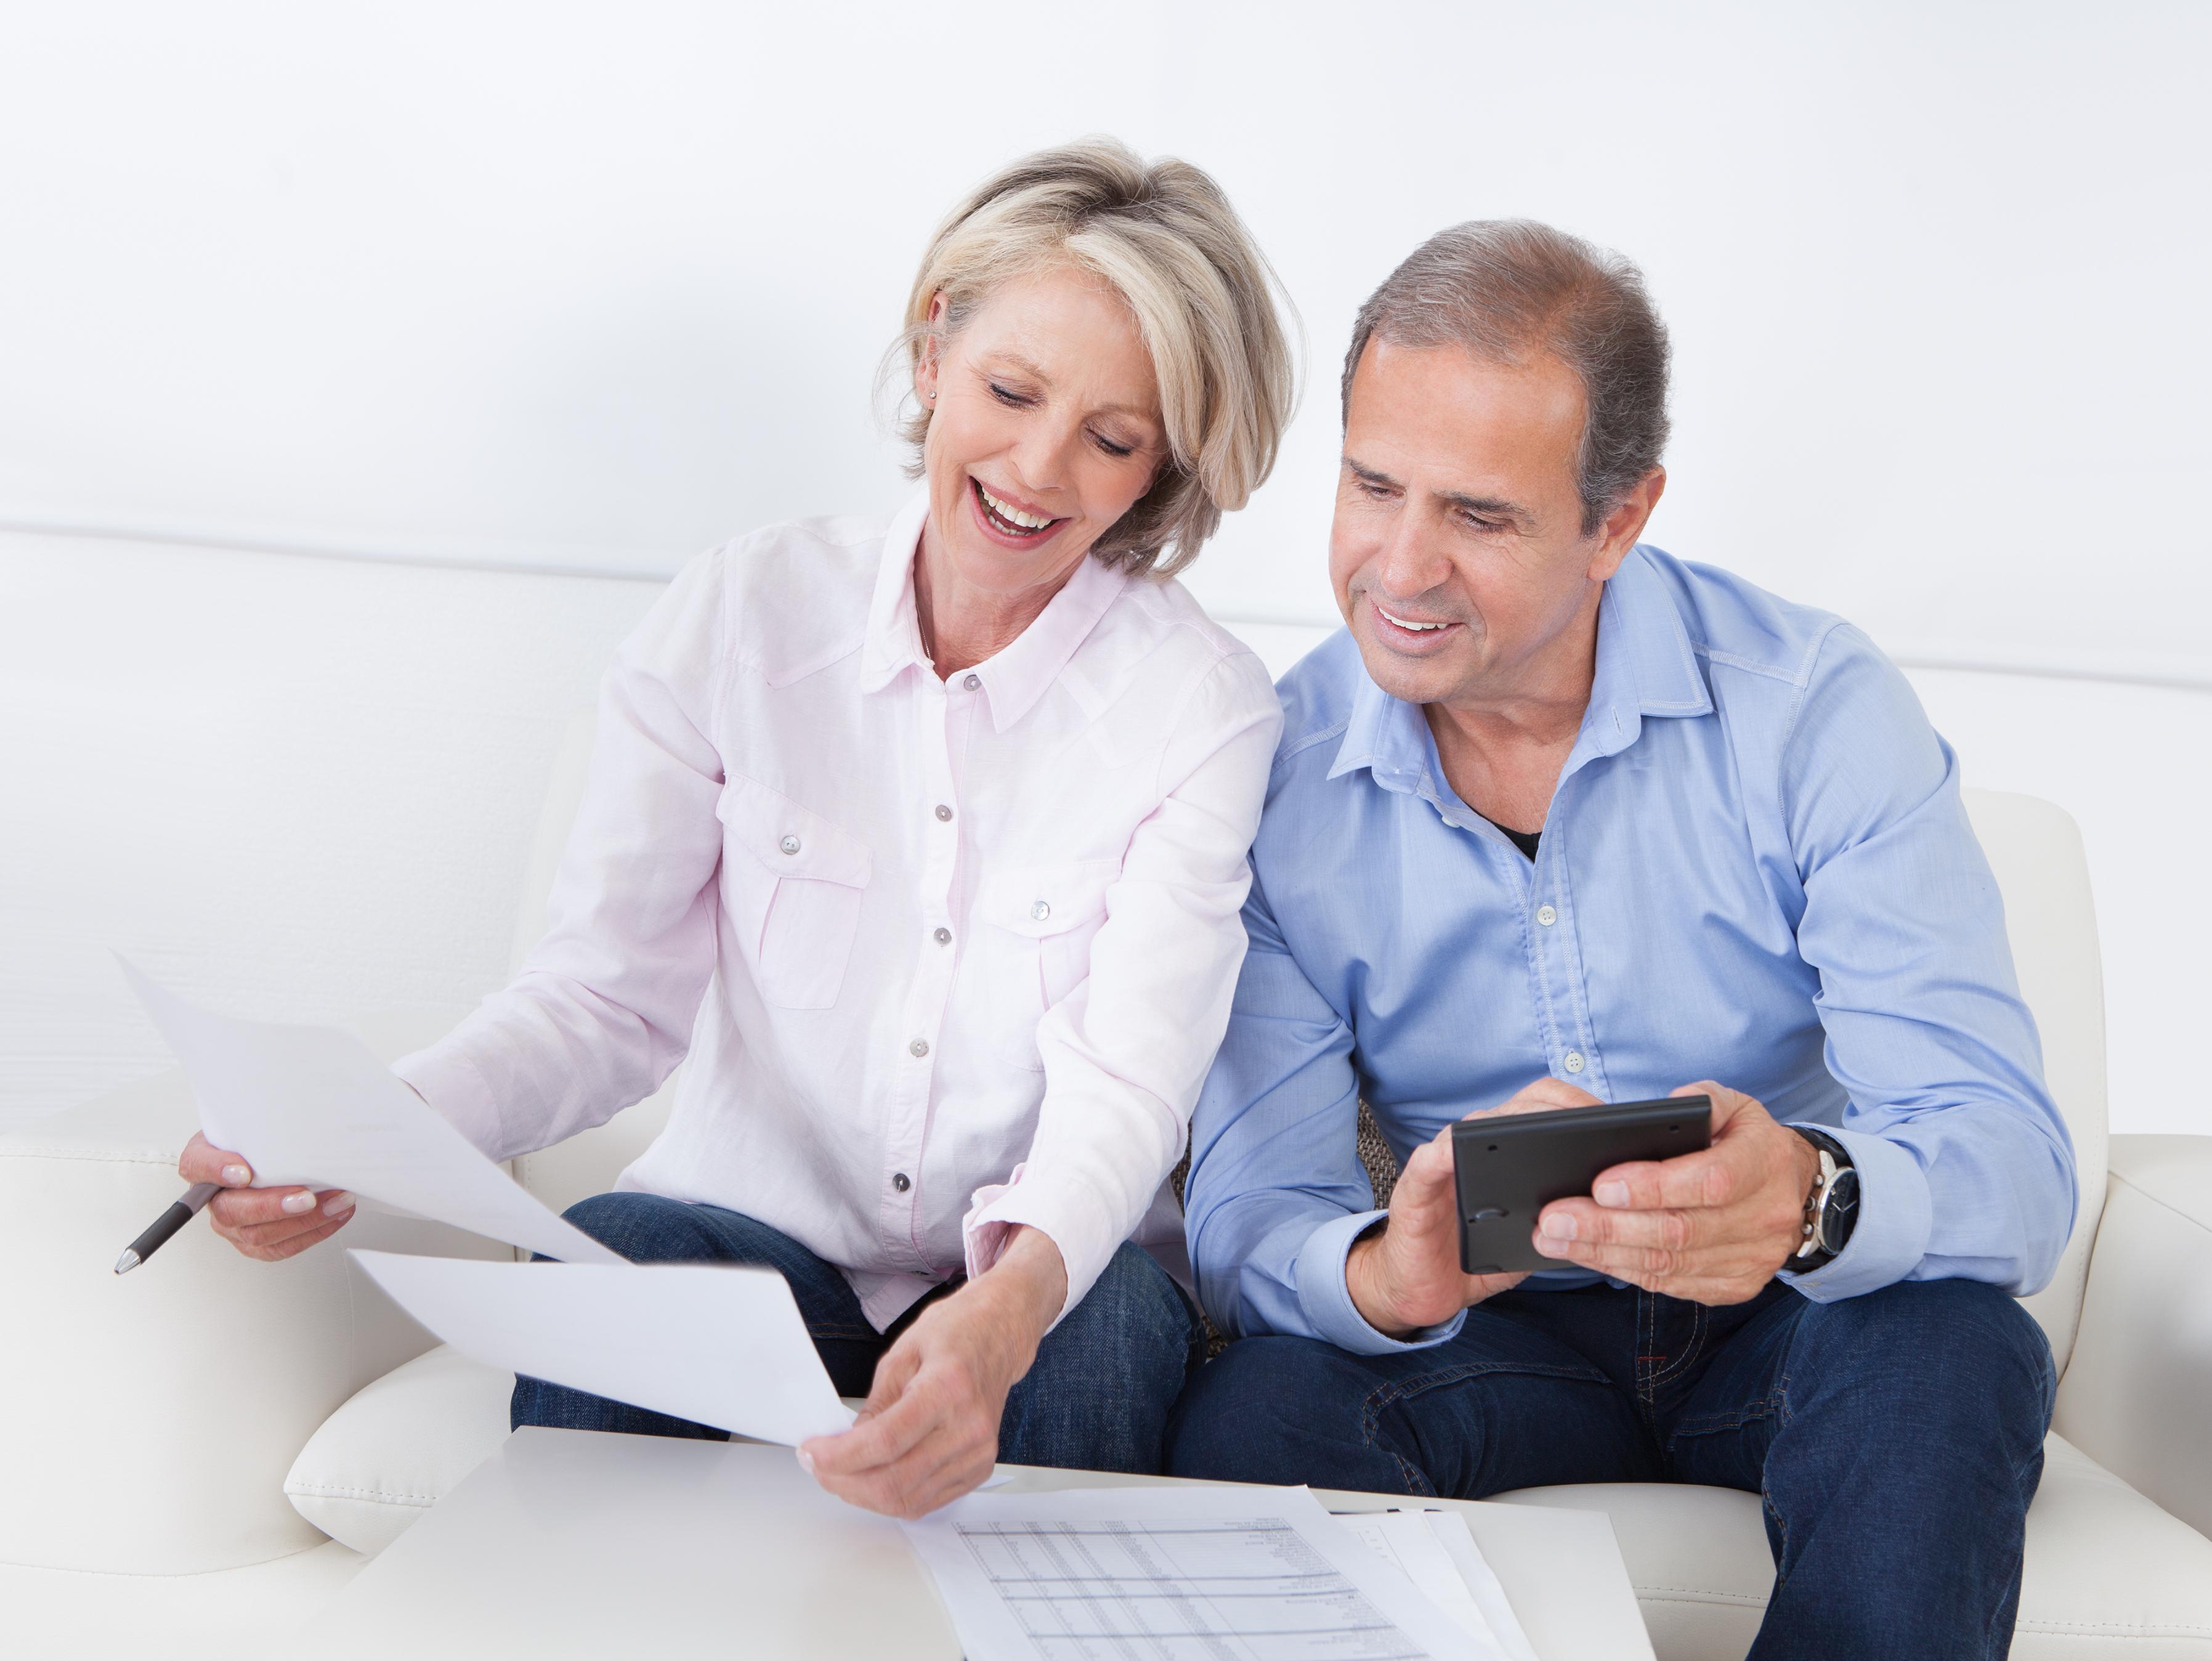 Comment faire baisser le niveau de stress en épargnant pour la retraite Thumbnail